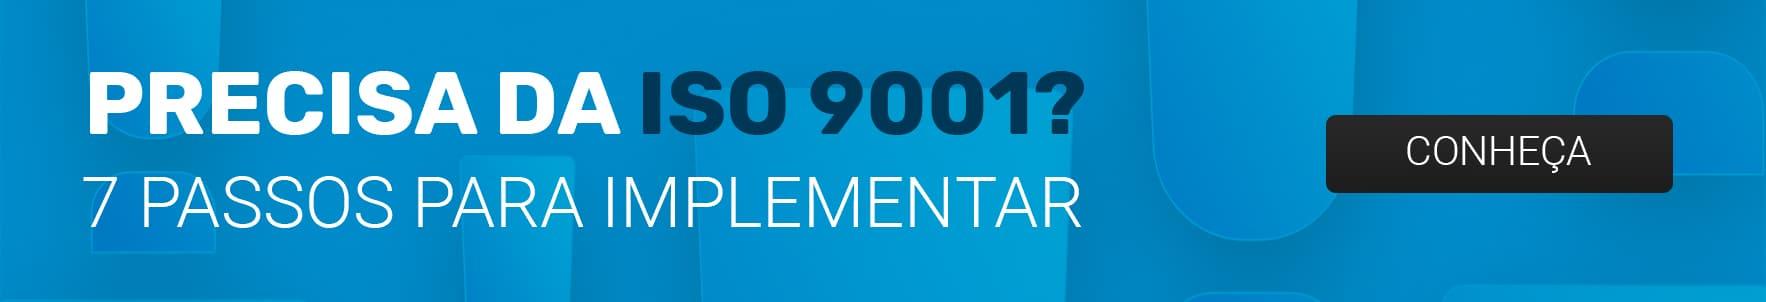 passos da certifica iso 9001